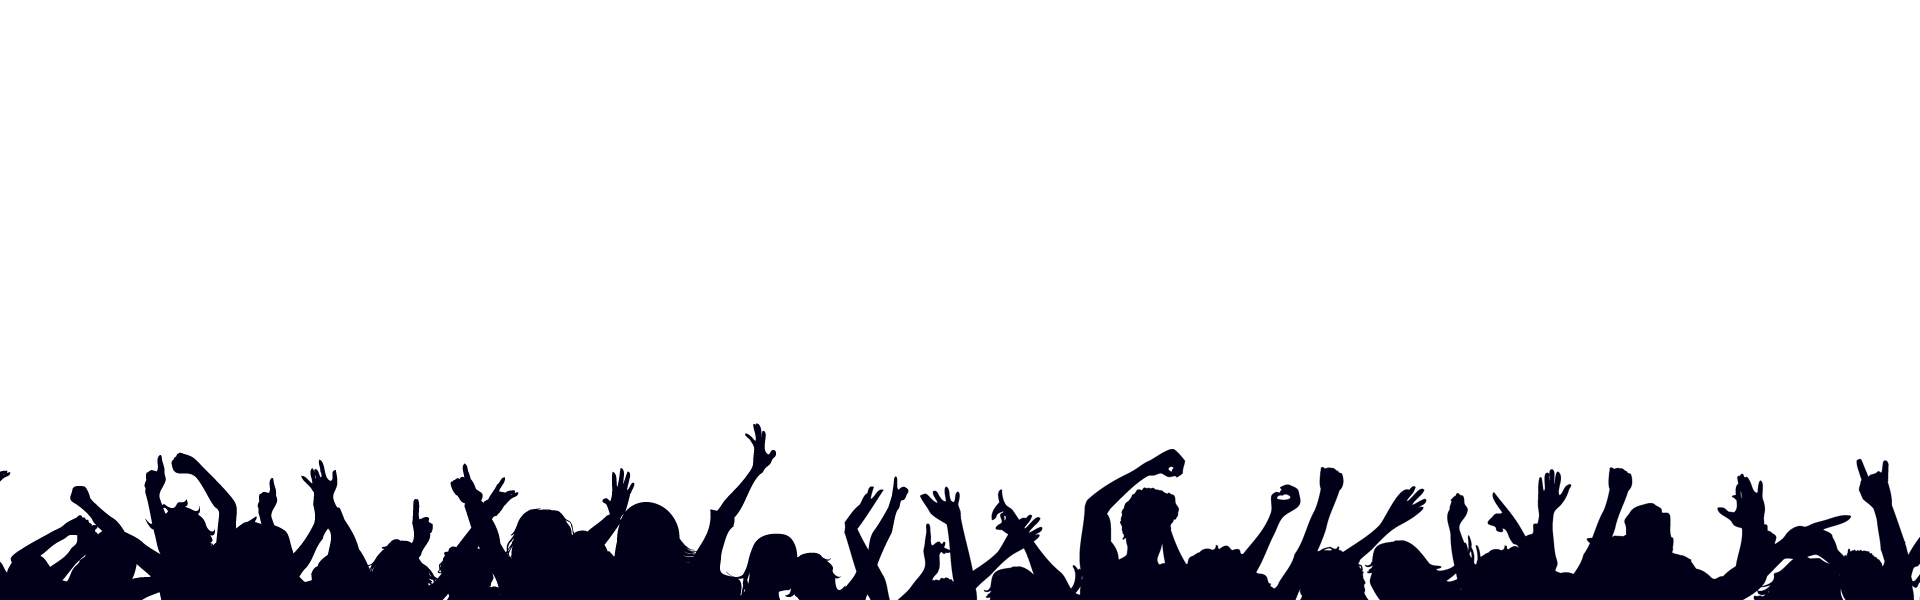 マンゾクポイント背景